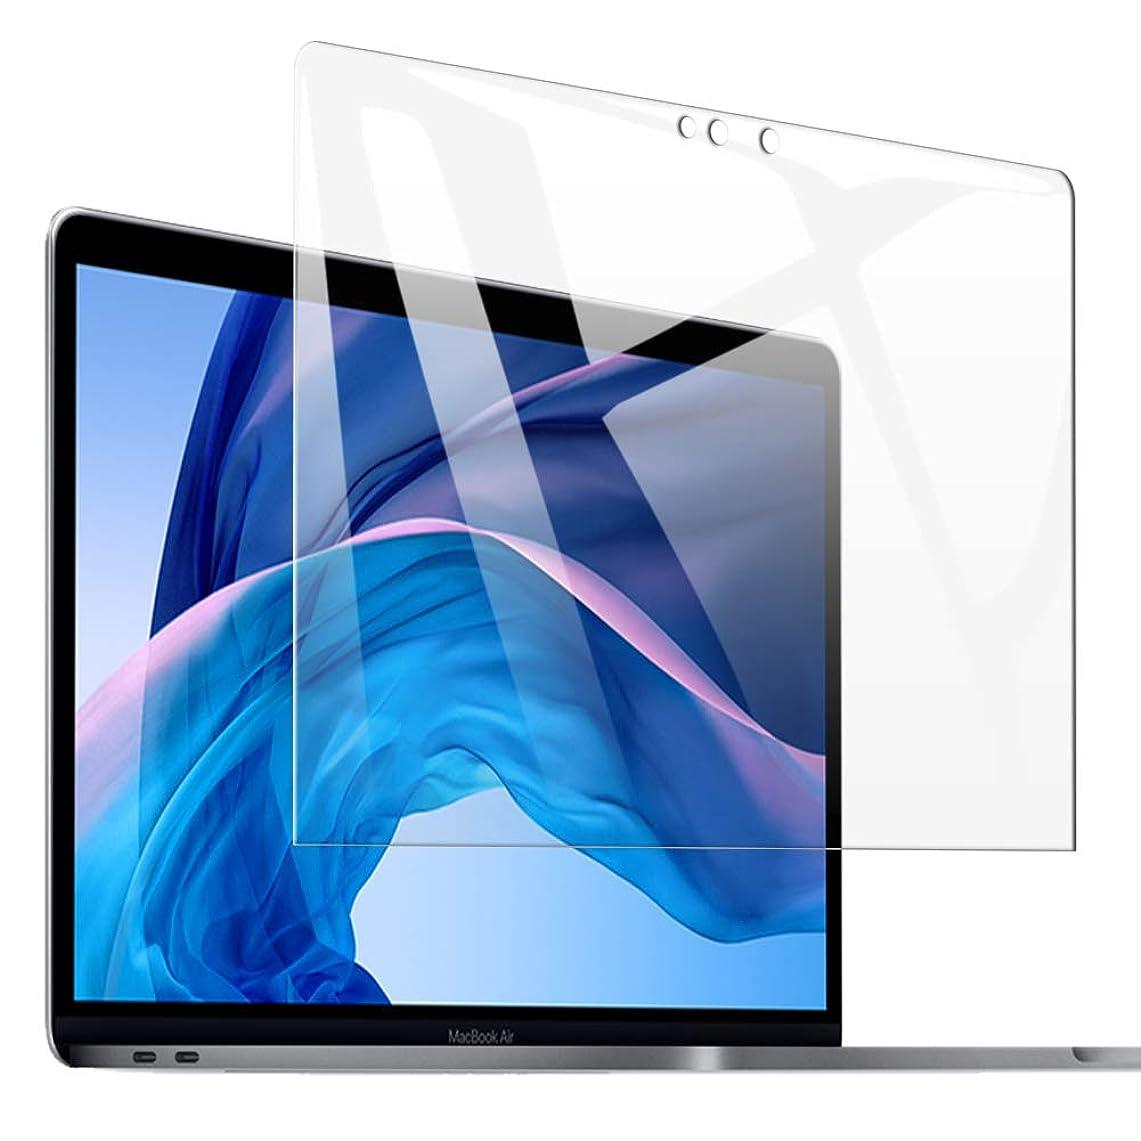 見て最終遅いOverLay Plus for MacBook Pro 15 (Retina Display) 低反射 アンチグレア 非光沢 液晶 保護 シート フィルム OLMBP15/1